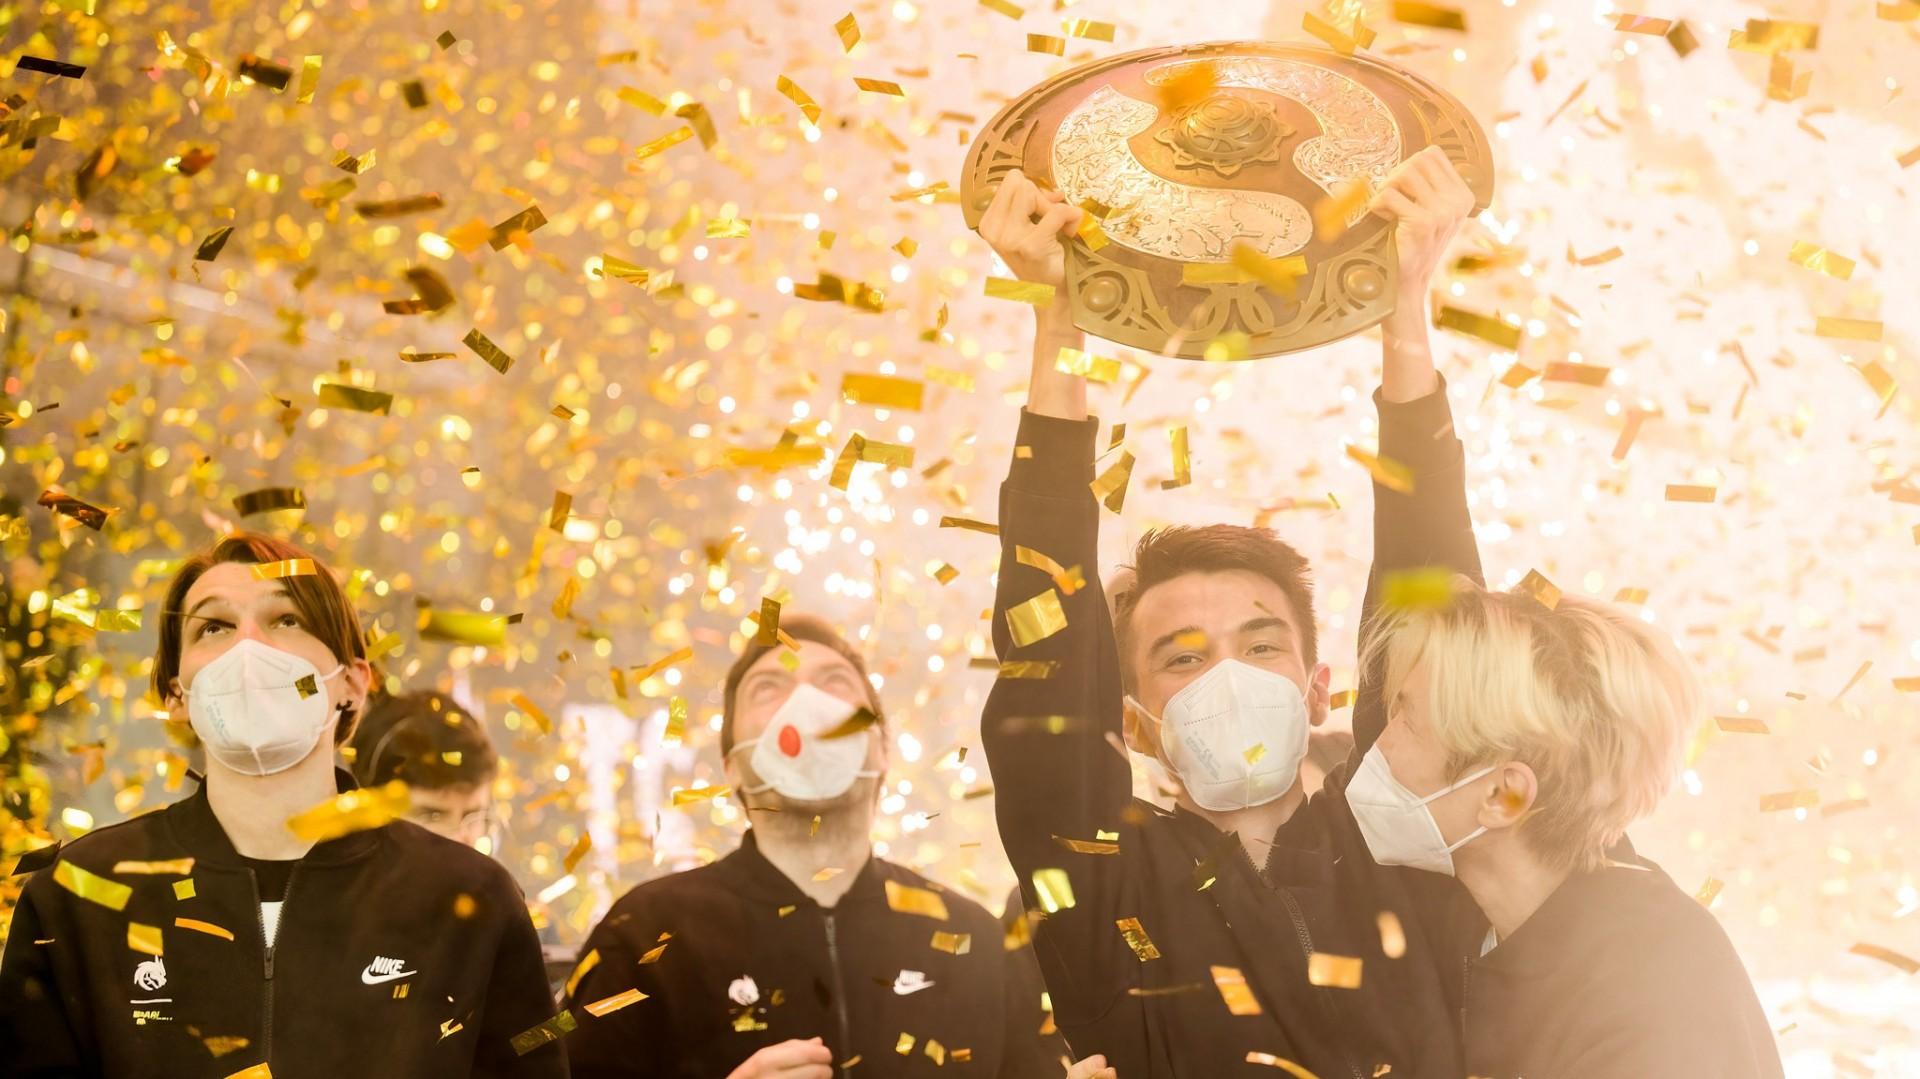 За The International 10 в СНГ на пике следили 12 млн зрителей это новый рекорд